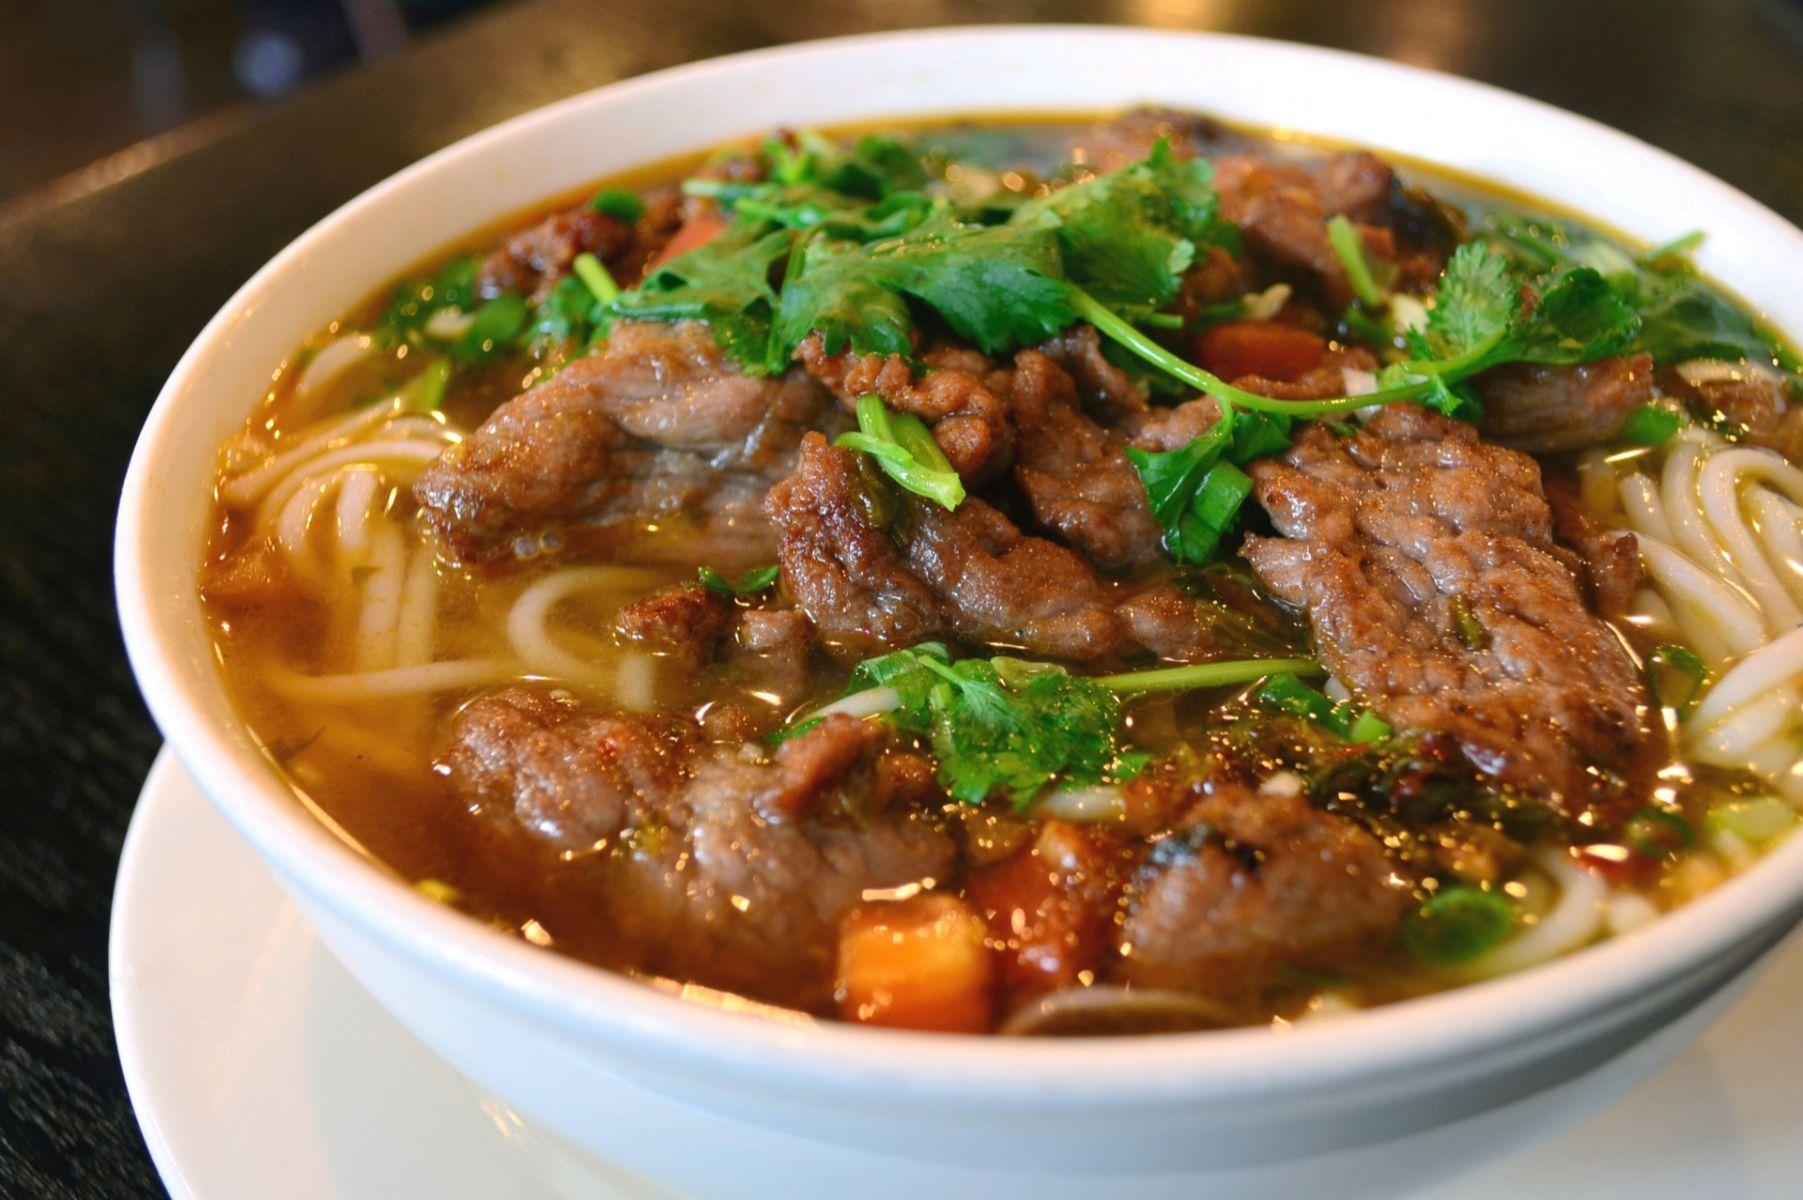 吃牛肉麵,別急著加酸菜!台灣牛肉麵的故事